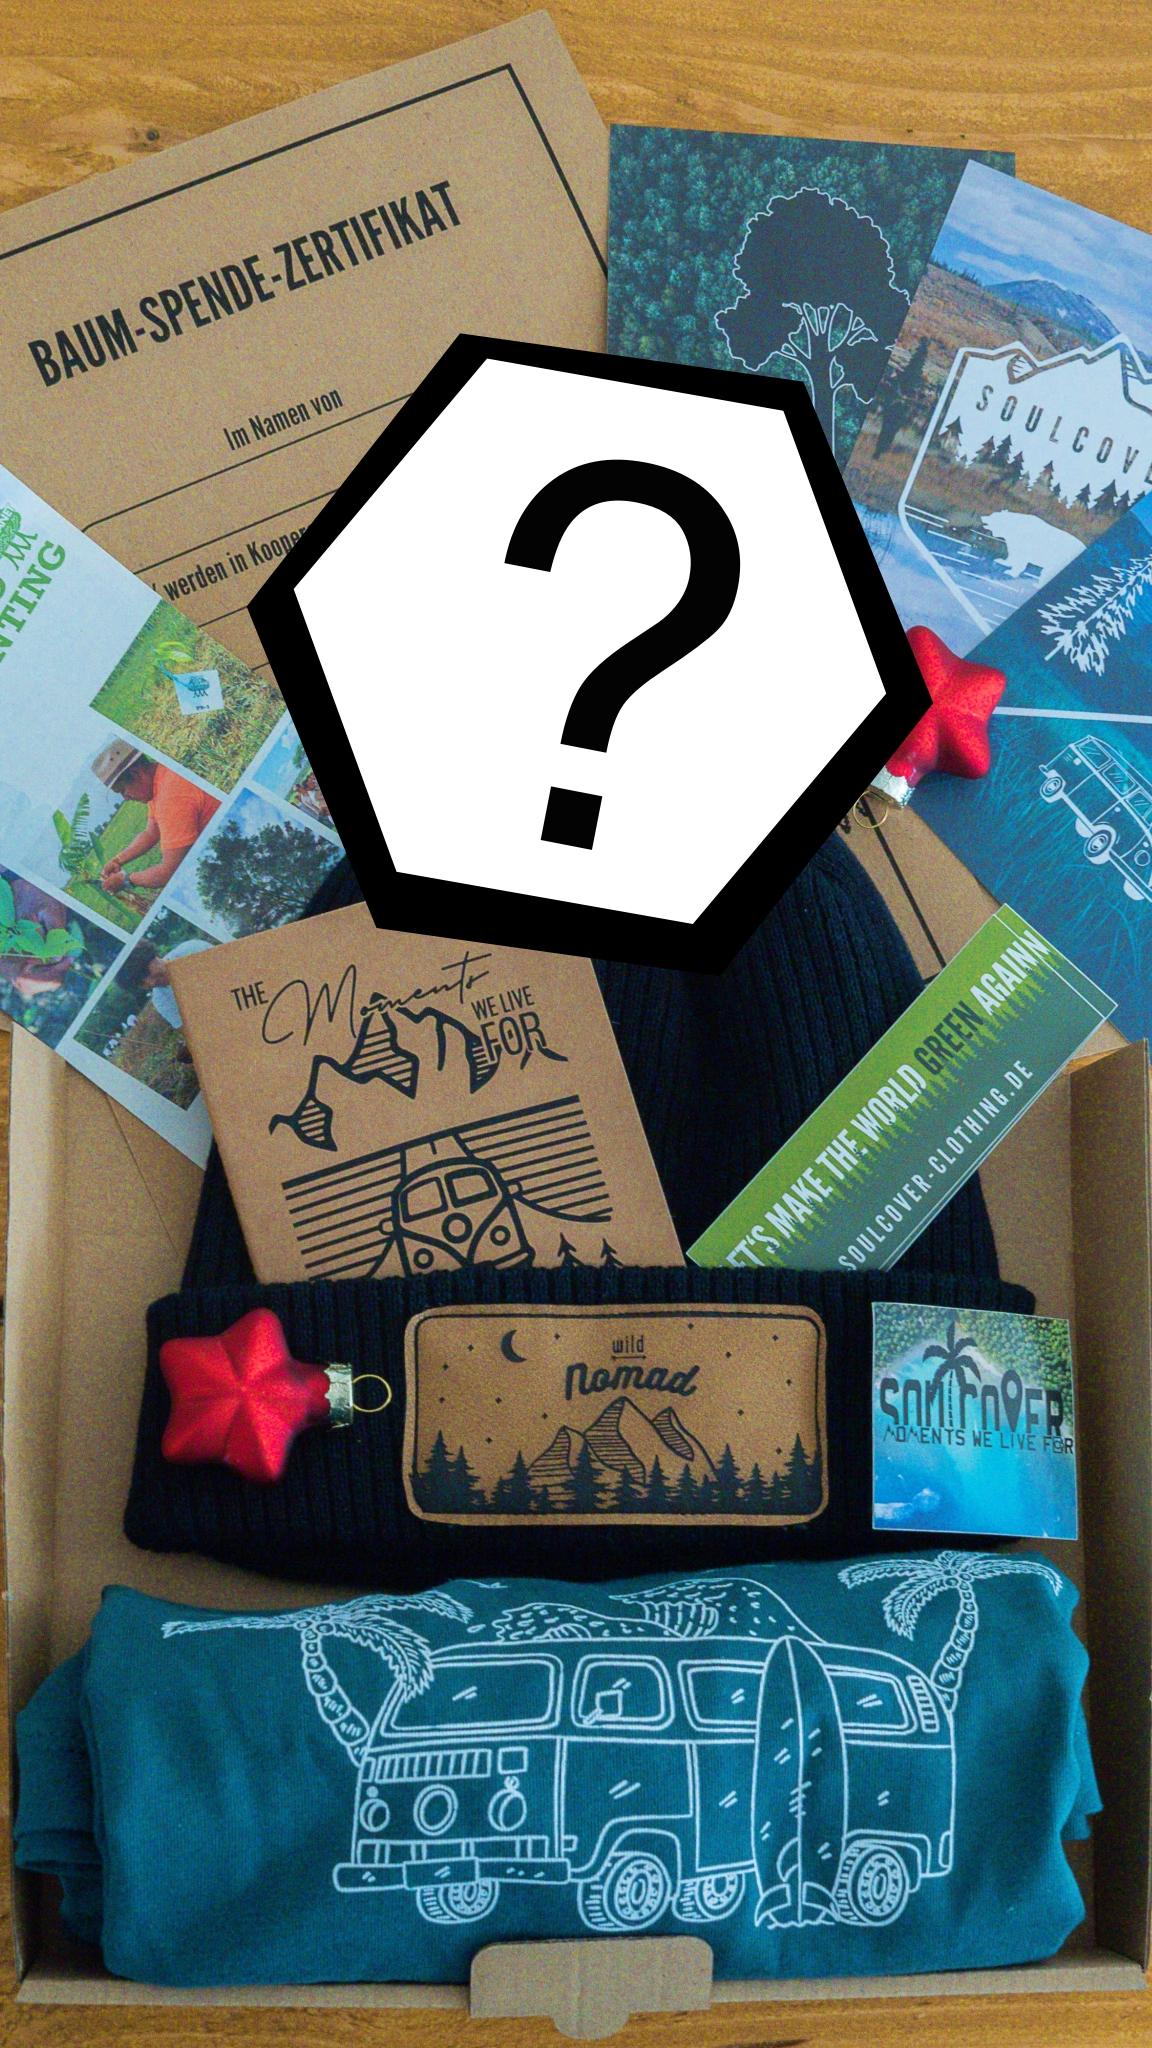 Soulcover Surprise Box, Überraschungsbox, Überraschung, Zufall, Wundertüte